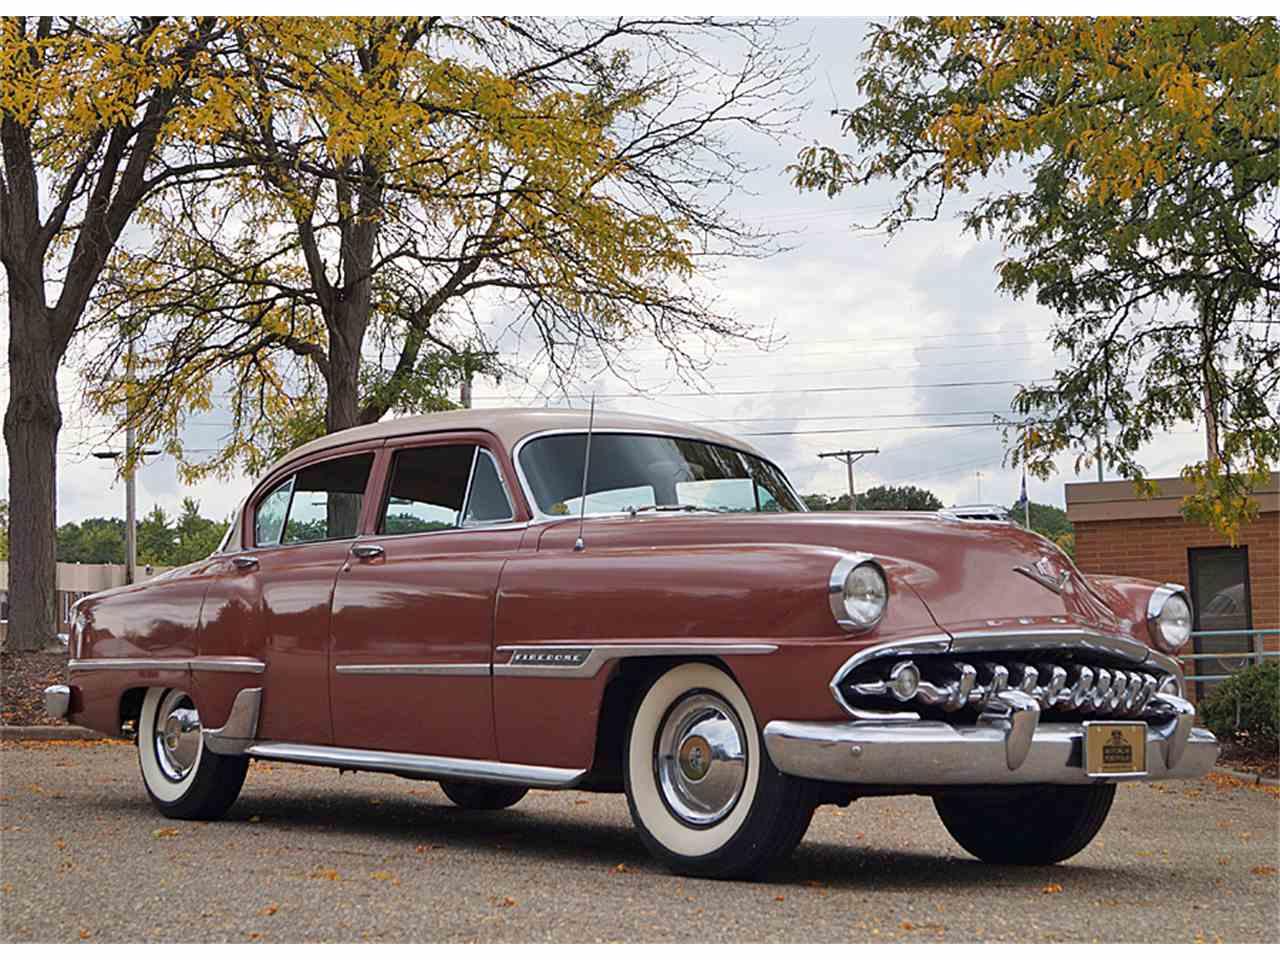 1956 desoto firedome seville 4 door hardtop 1 of 10 - 1954 Desoto Firedome 1022360